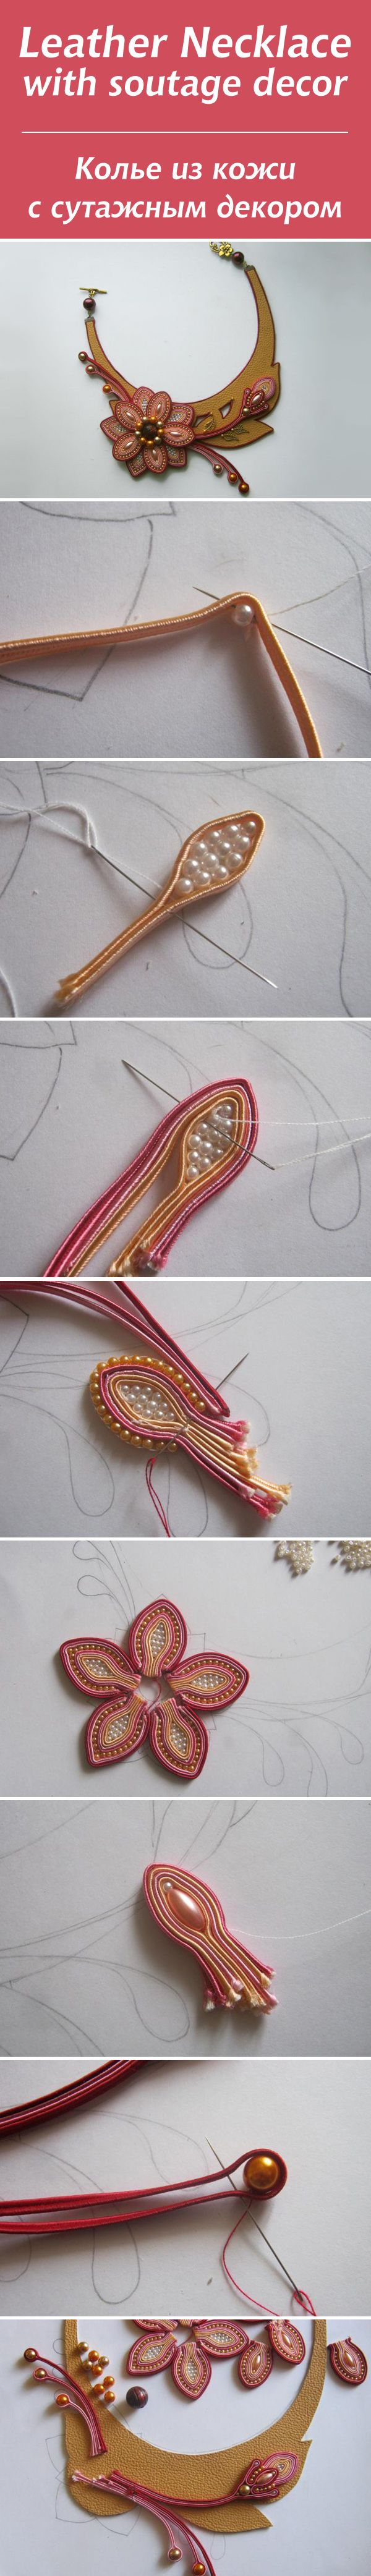 Создаем колье из кожи с сутажным декором / Leather Necklace with soutage decor